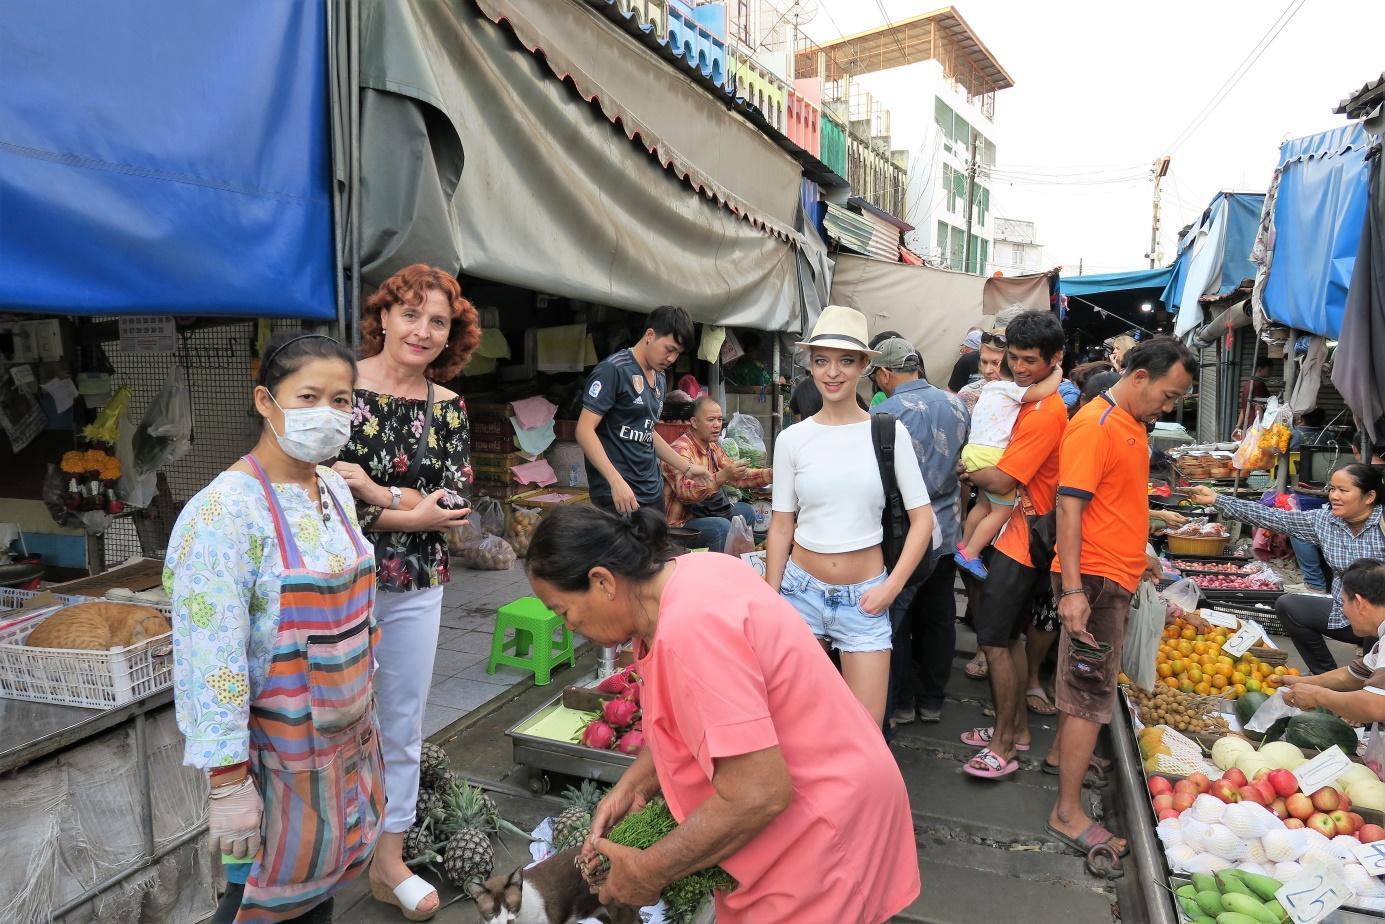 C:\Users\Administrator\Documents\Documents\Putovanja\PUTOPISI\TAJLAND\Tajland 5\Slike\2.jpg